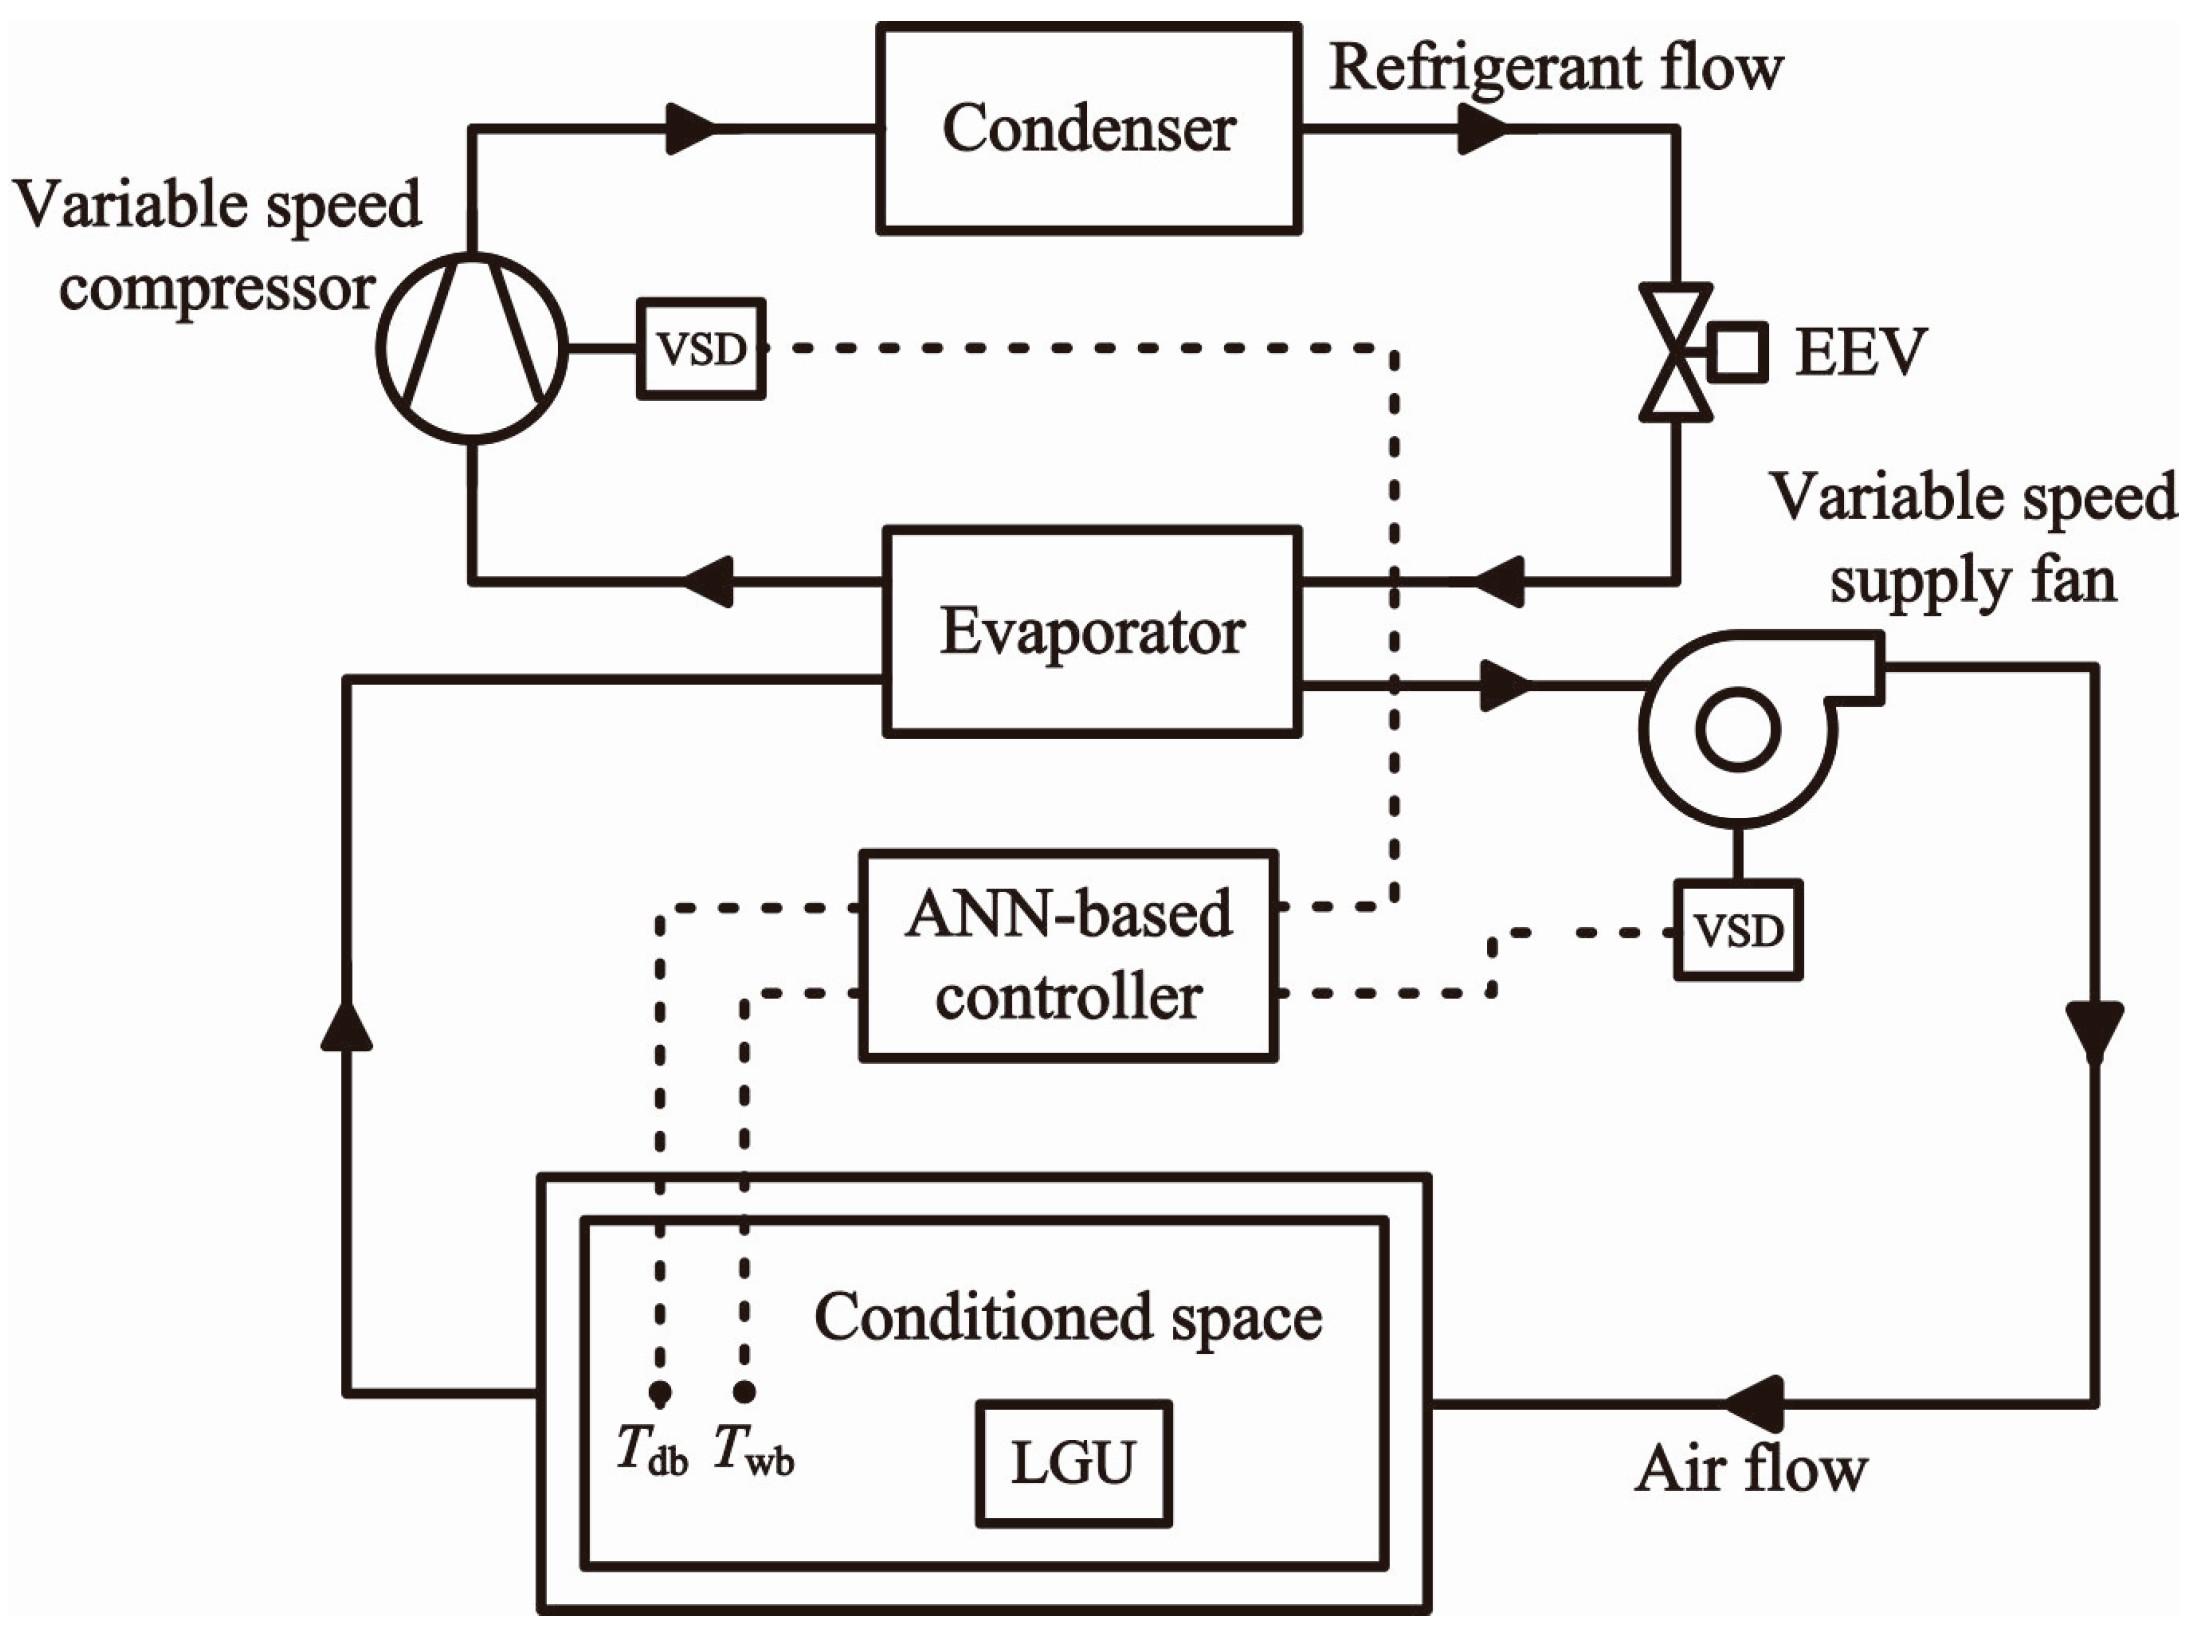 Auto Air Conditioner Diagram Energies Free Full Text